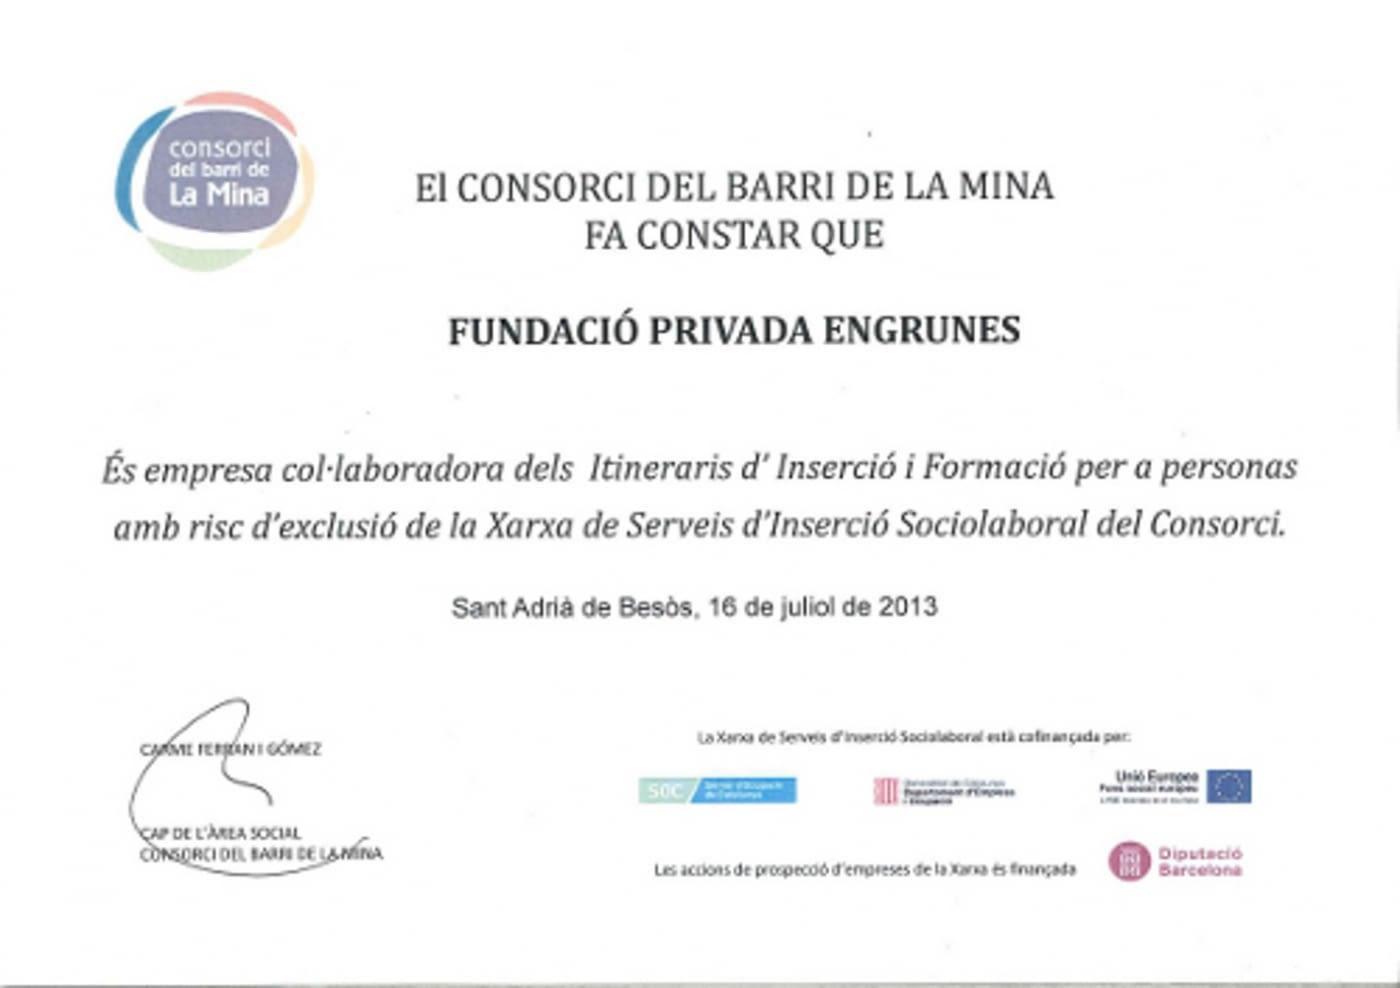 Reconeixement del Consorci del Barri de la Mina a Engrunes